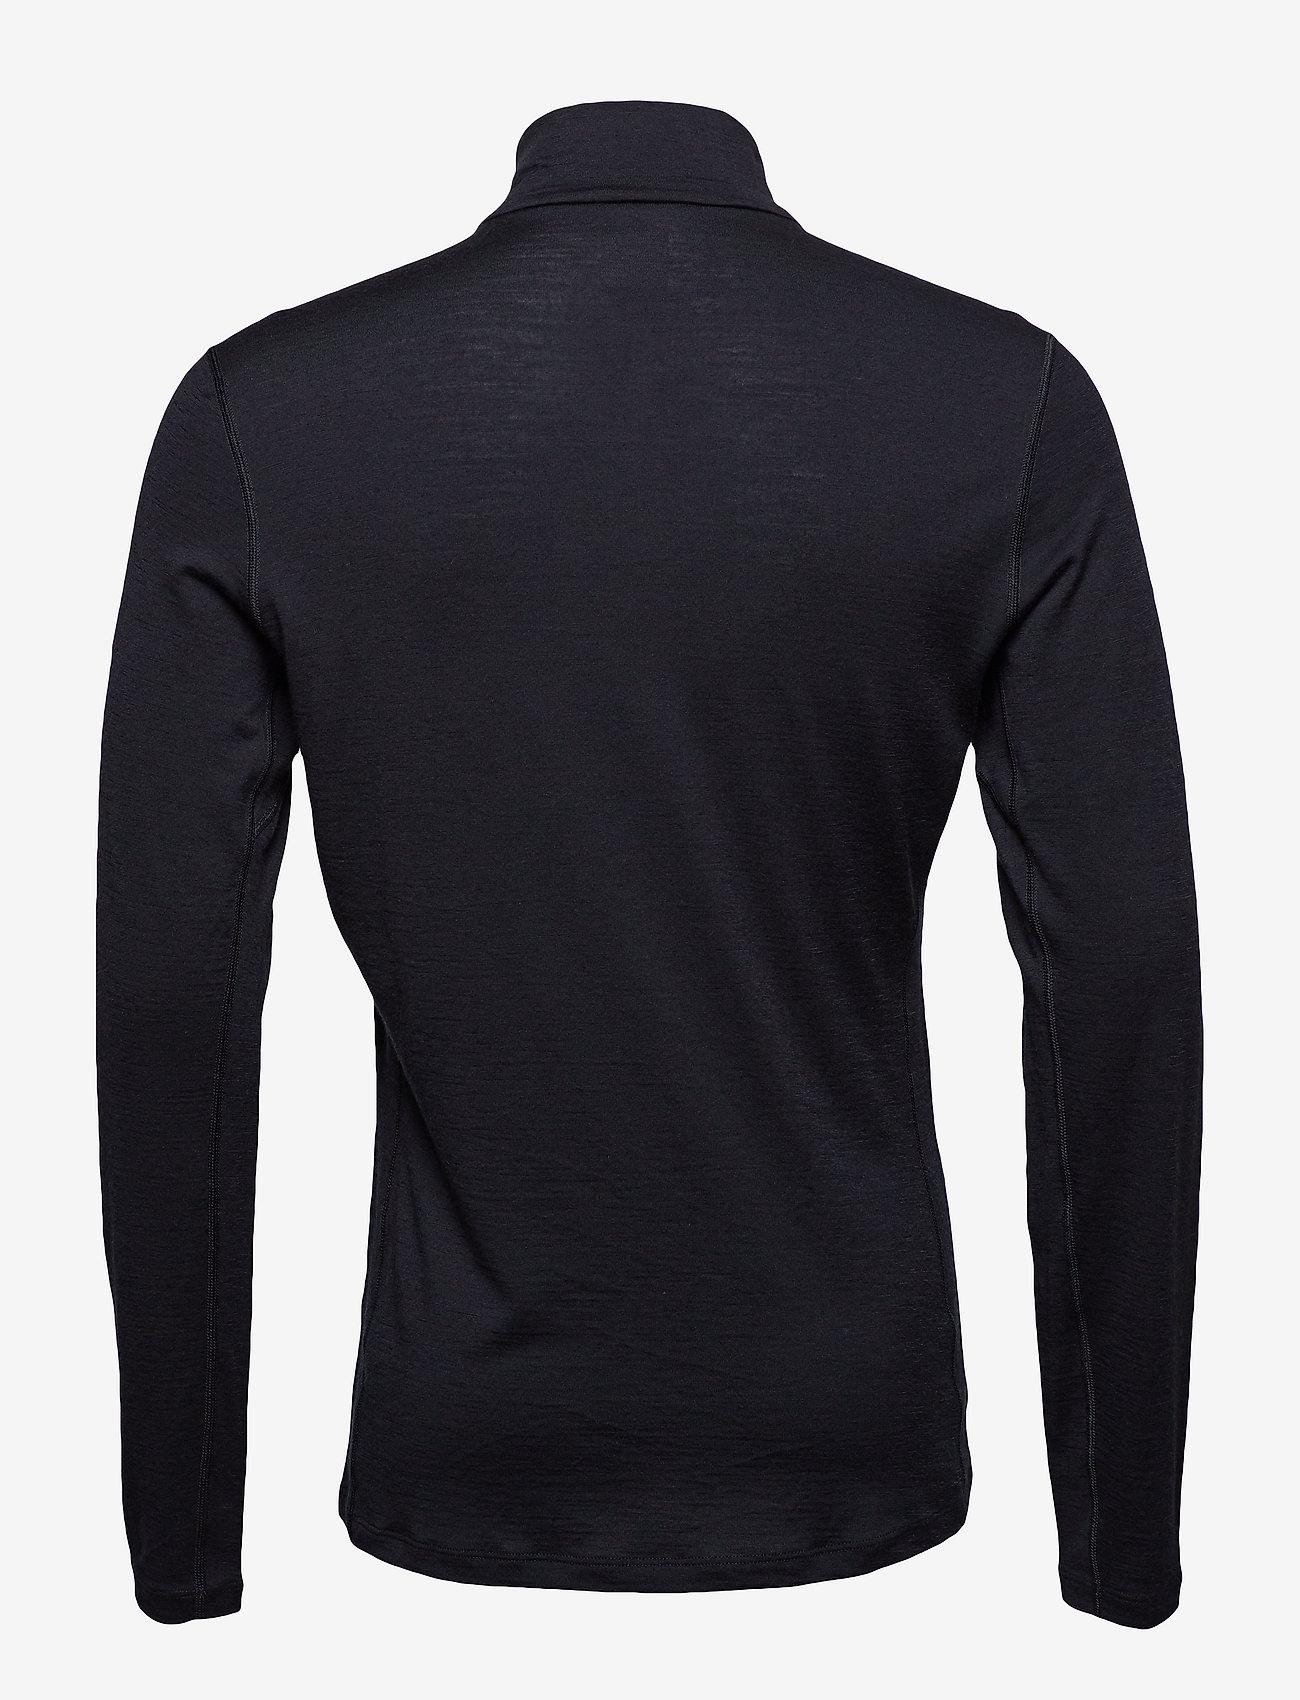 Icebreaker Mens 200 Oasis LS Half Zip - T-skjorter BLACK - Menn Klær